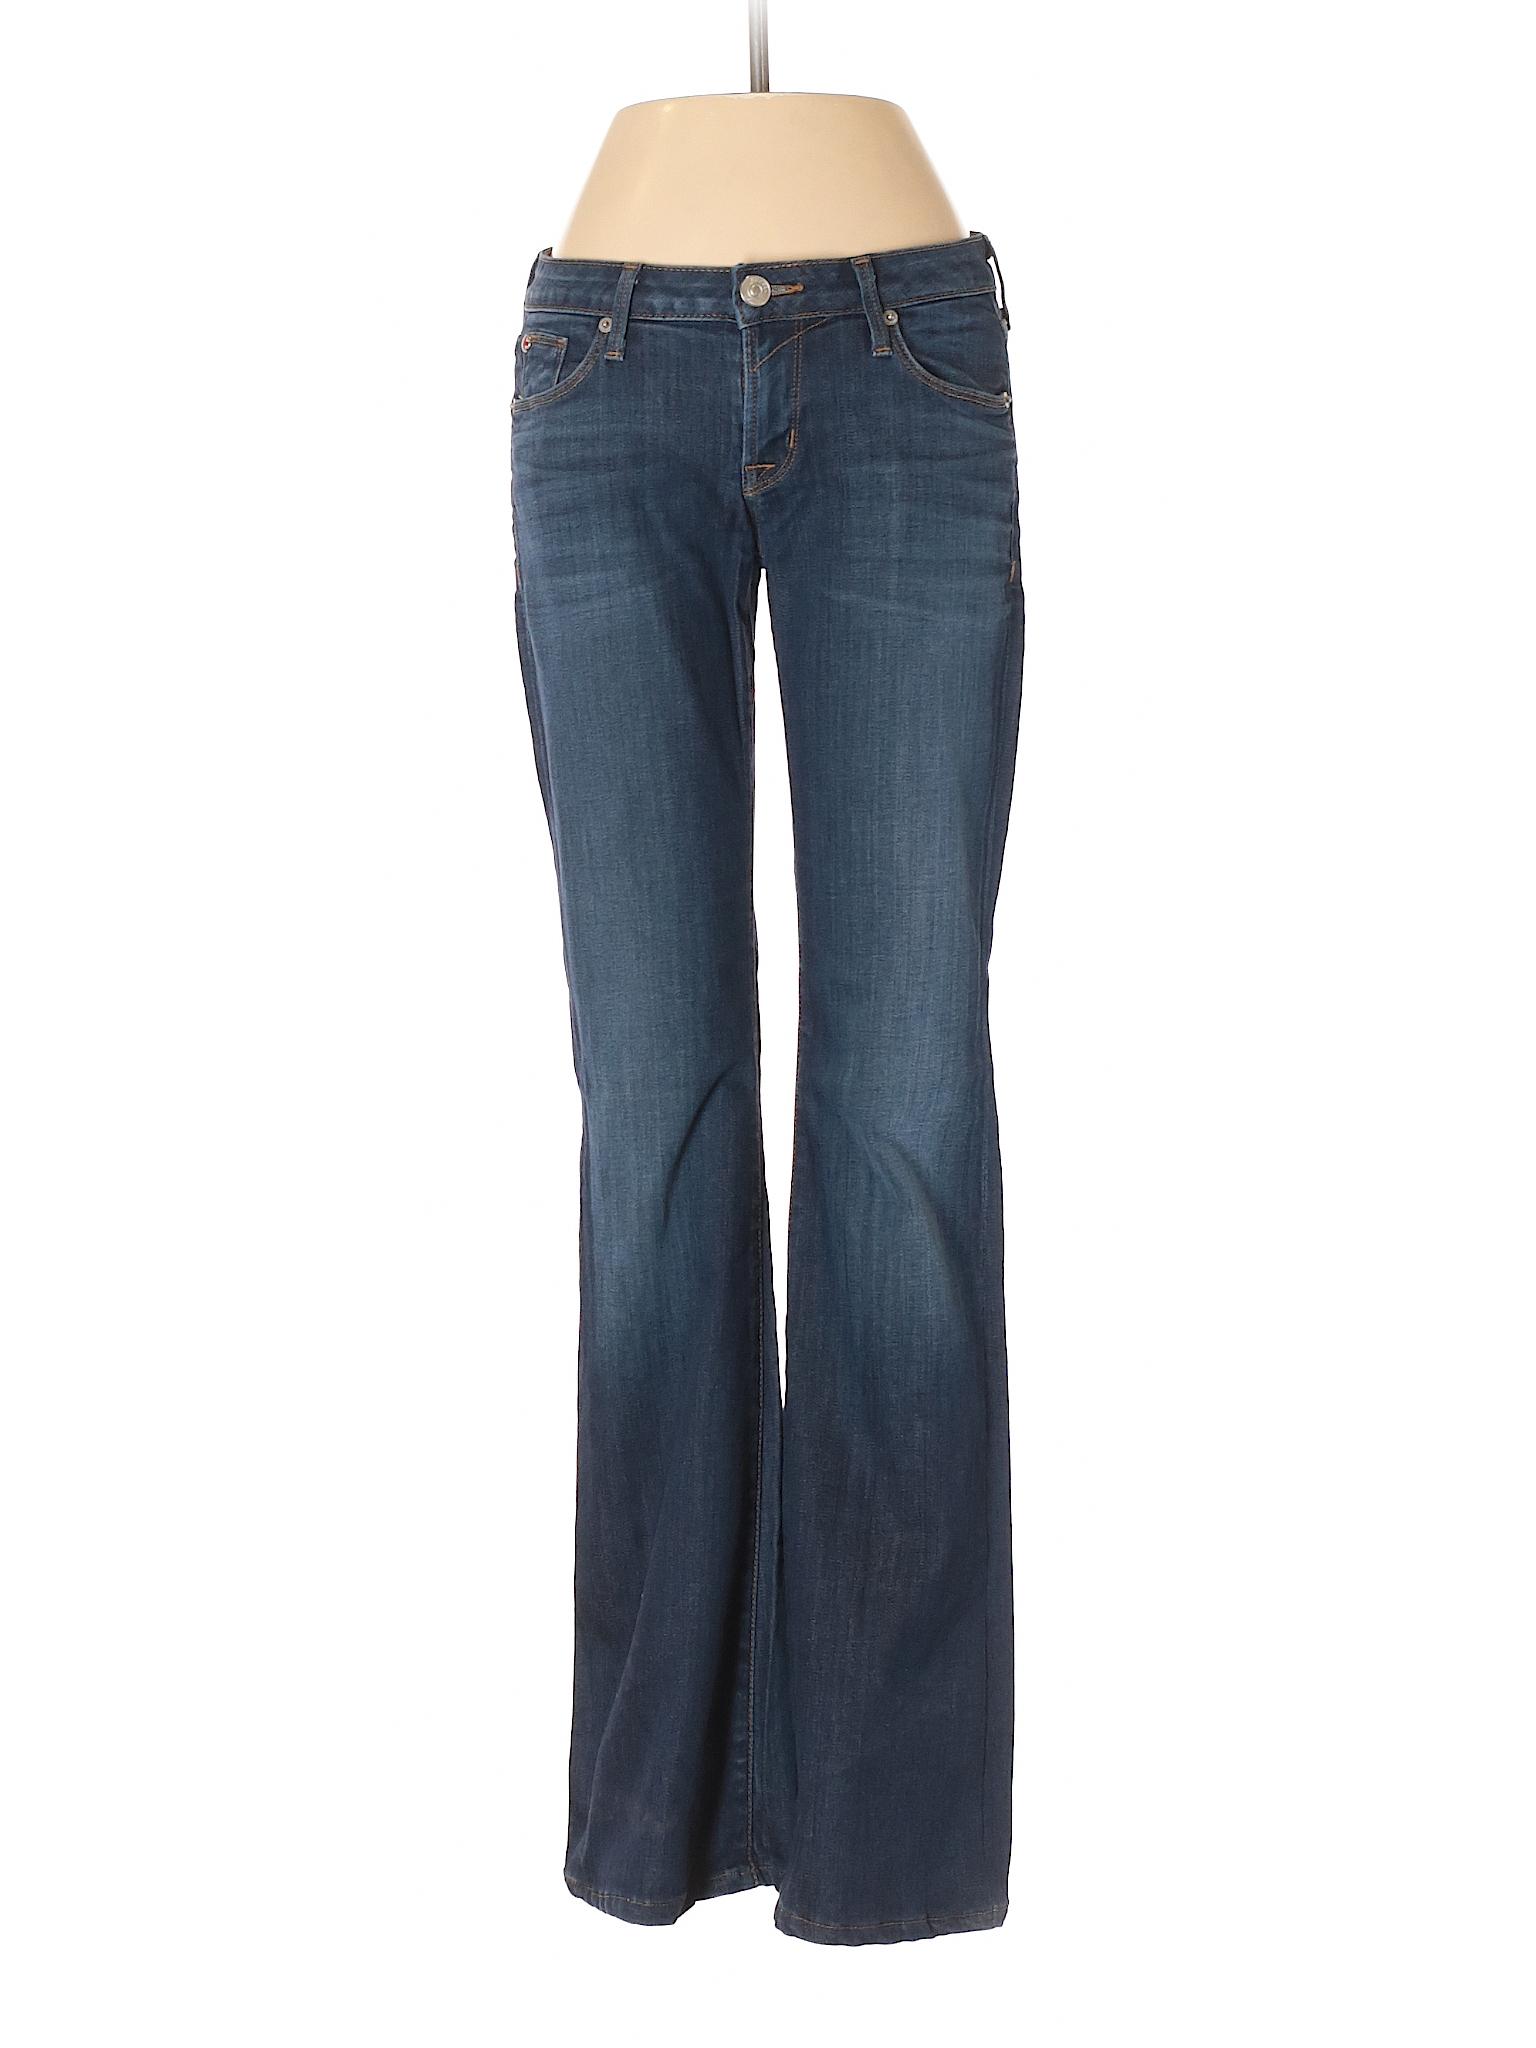 Hudson Jeans Hudson Promotion Hudson Jeans Promotion Jeans Promotion WazCqfwCSp